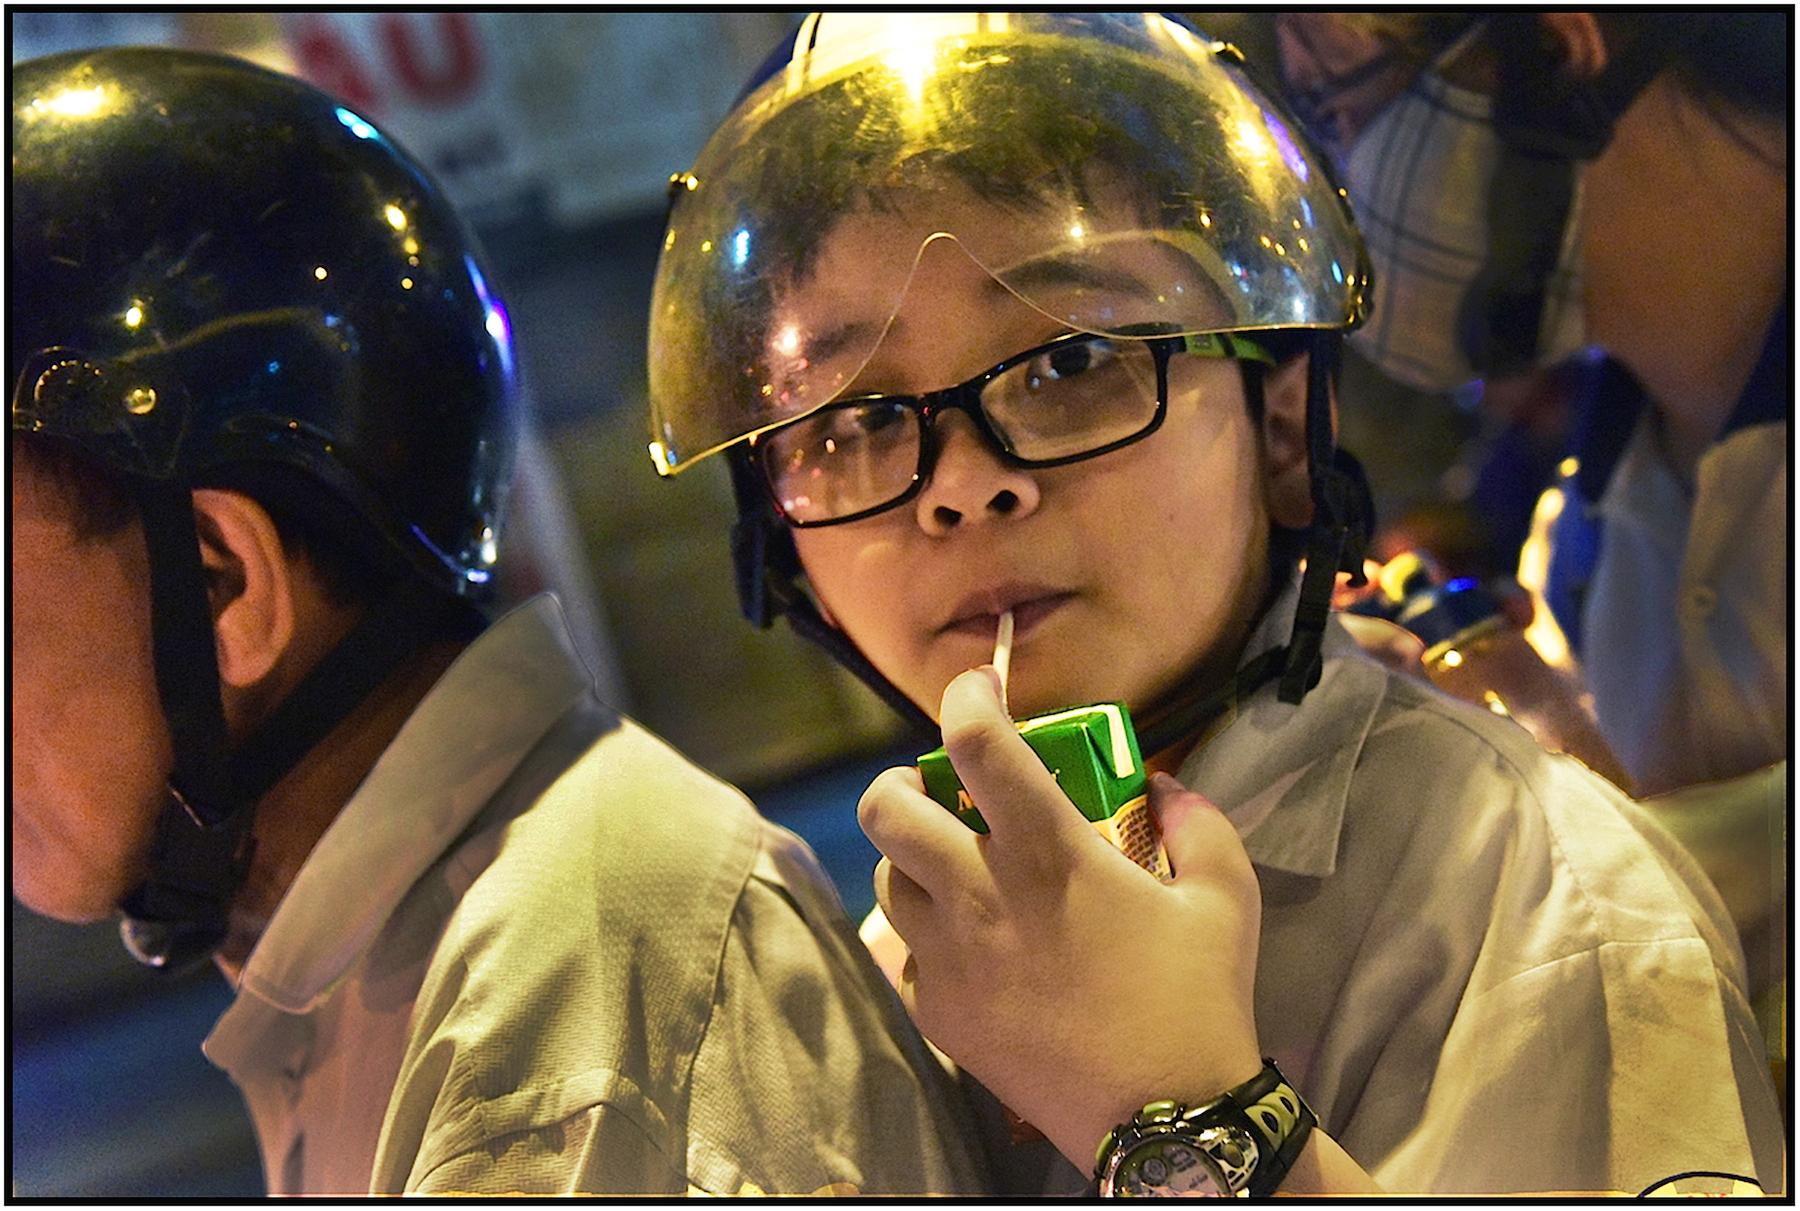 Youthful passenger on motorbike, Saigon/HCMC, Dec. 2015. #3773